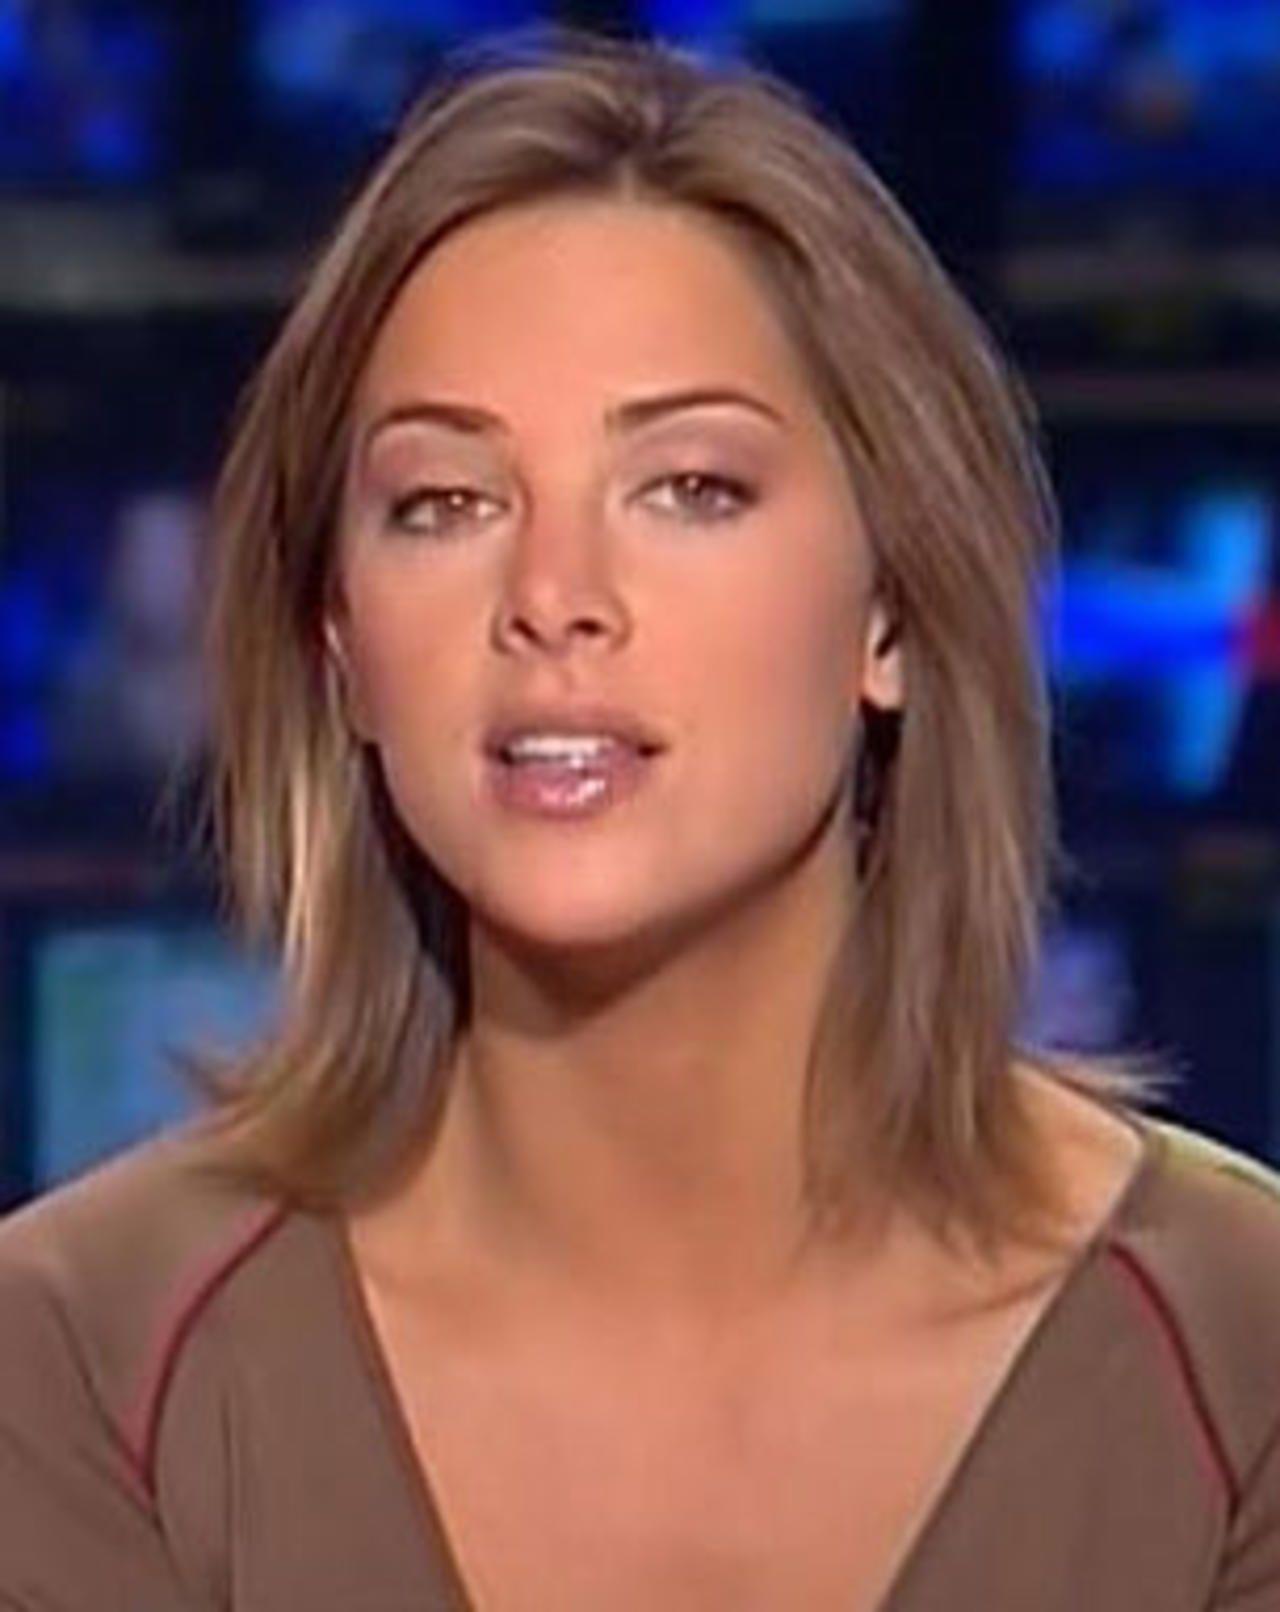 Tv S Sexiest News Anchors News Anchor Jessica Biel Newsreader